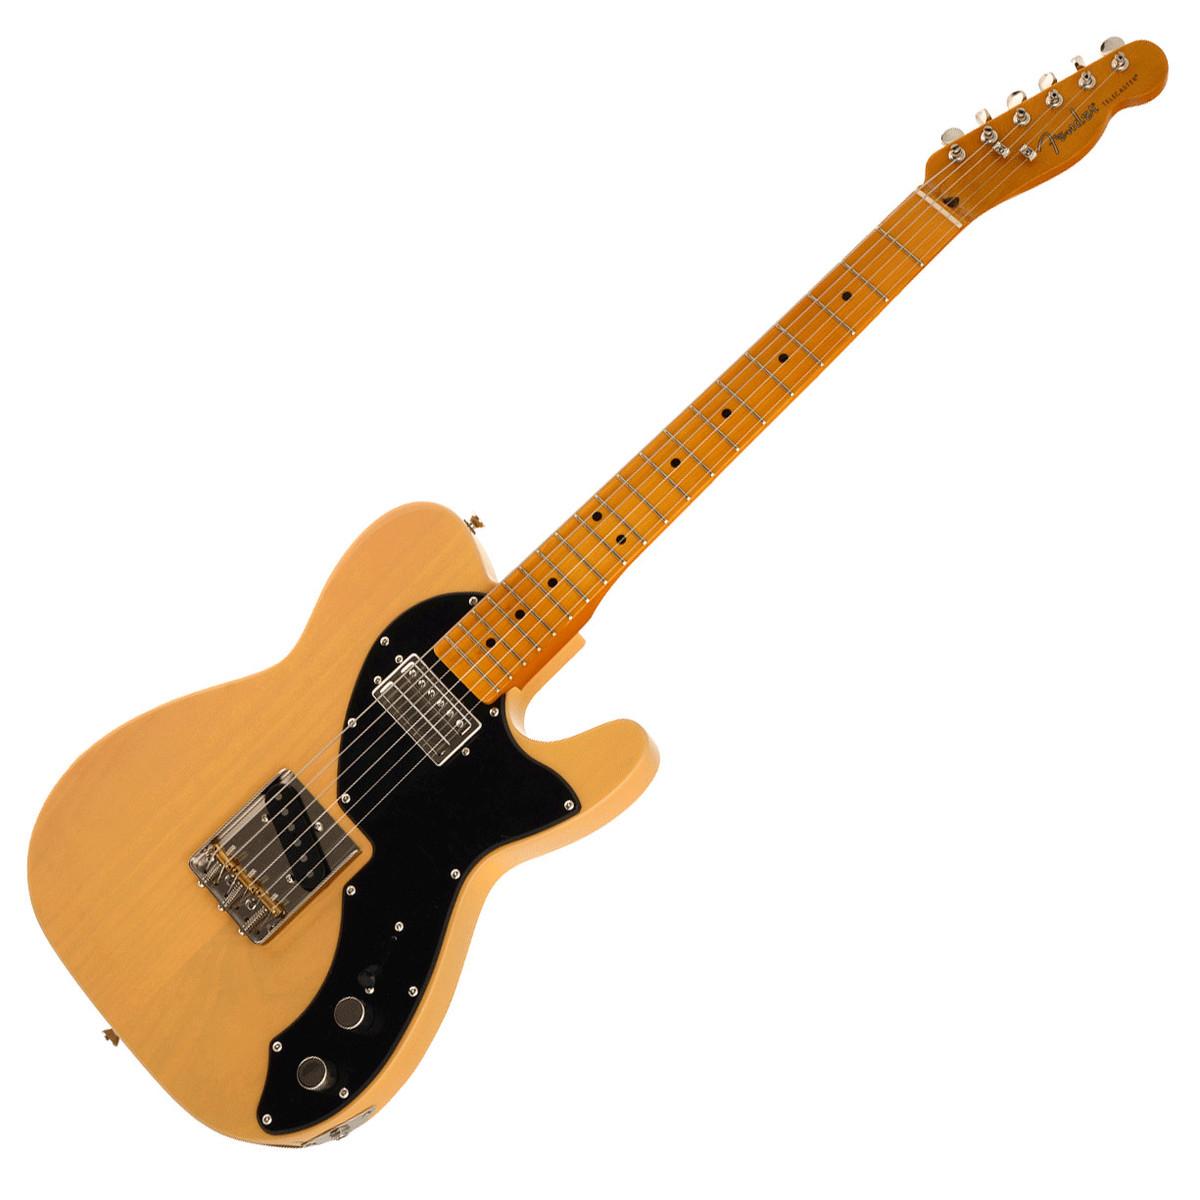 guitare electrique diapason 610 mm